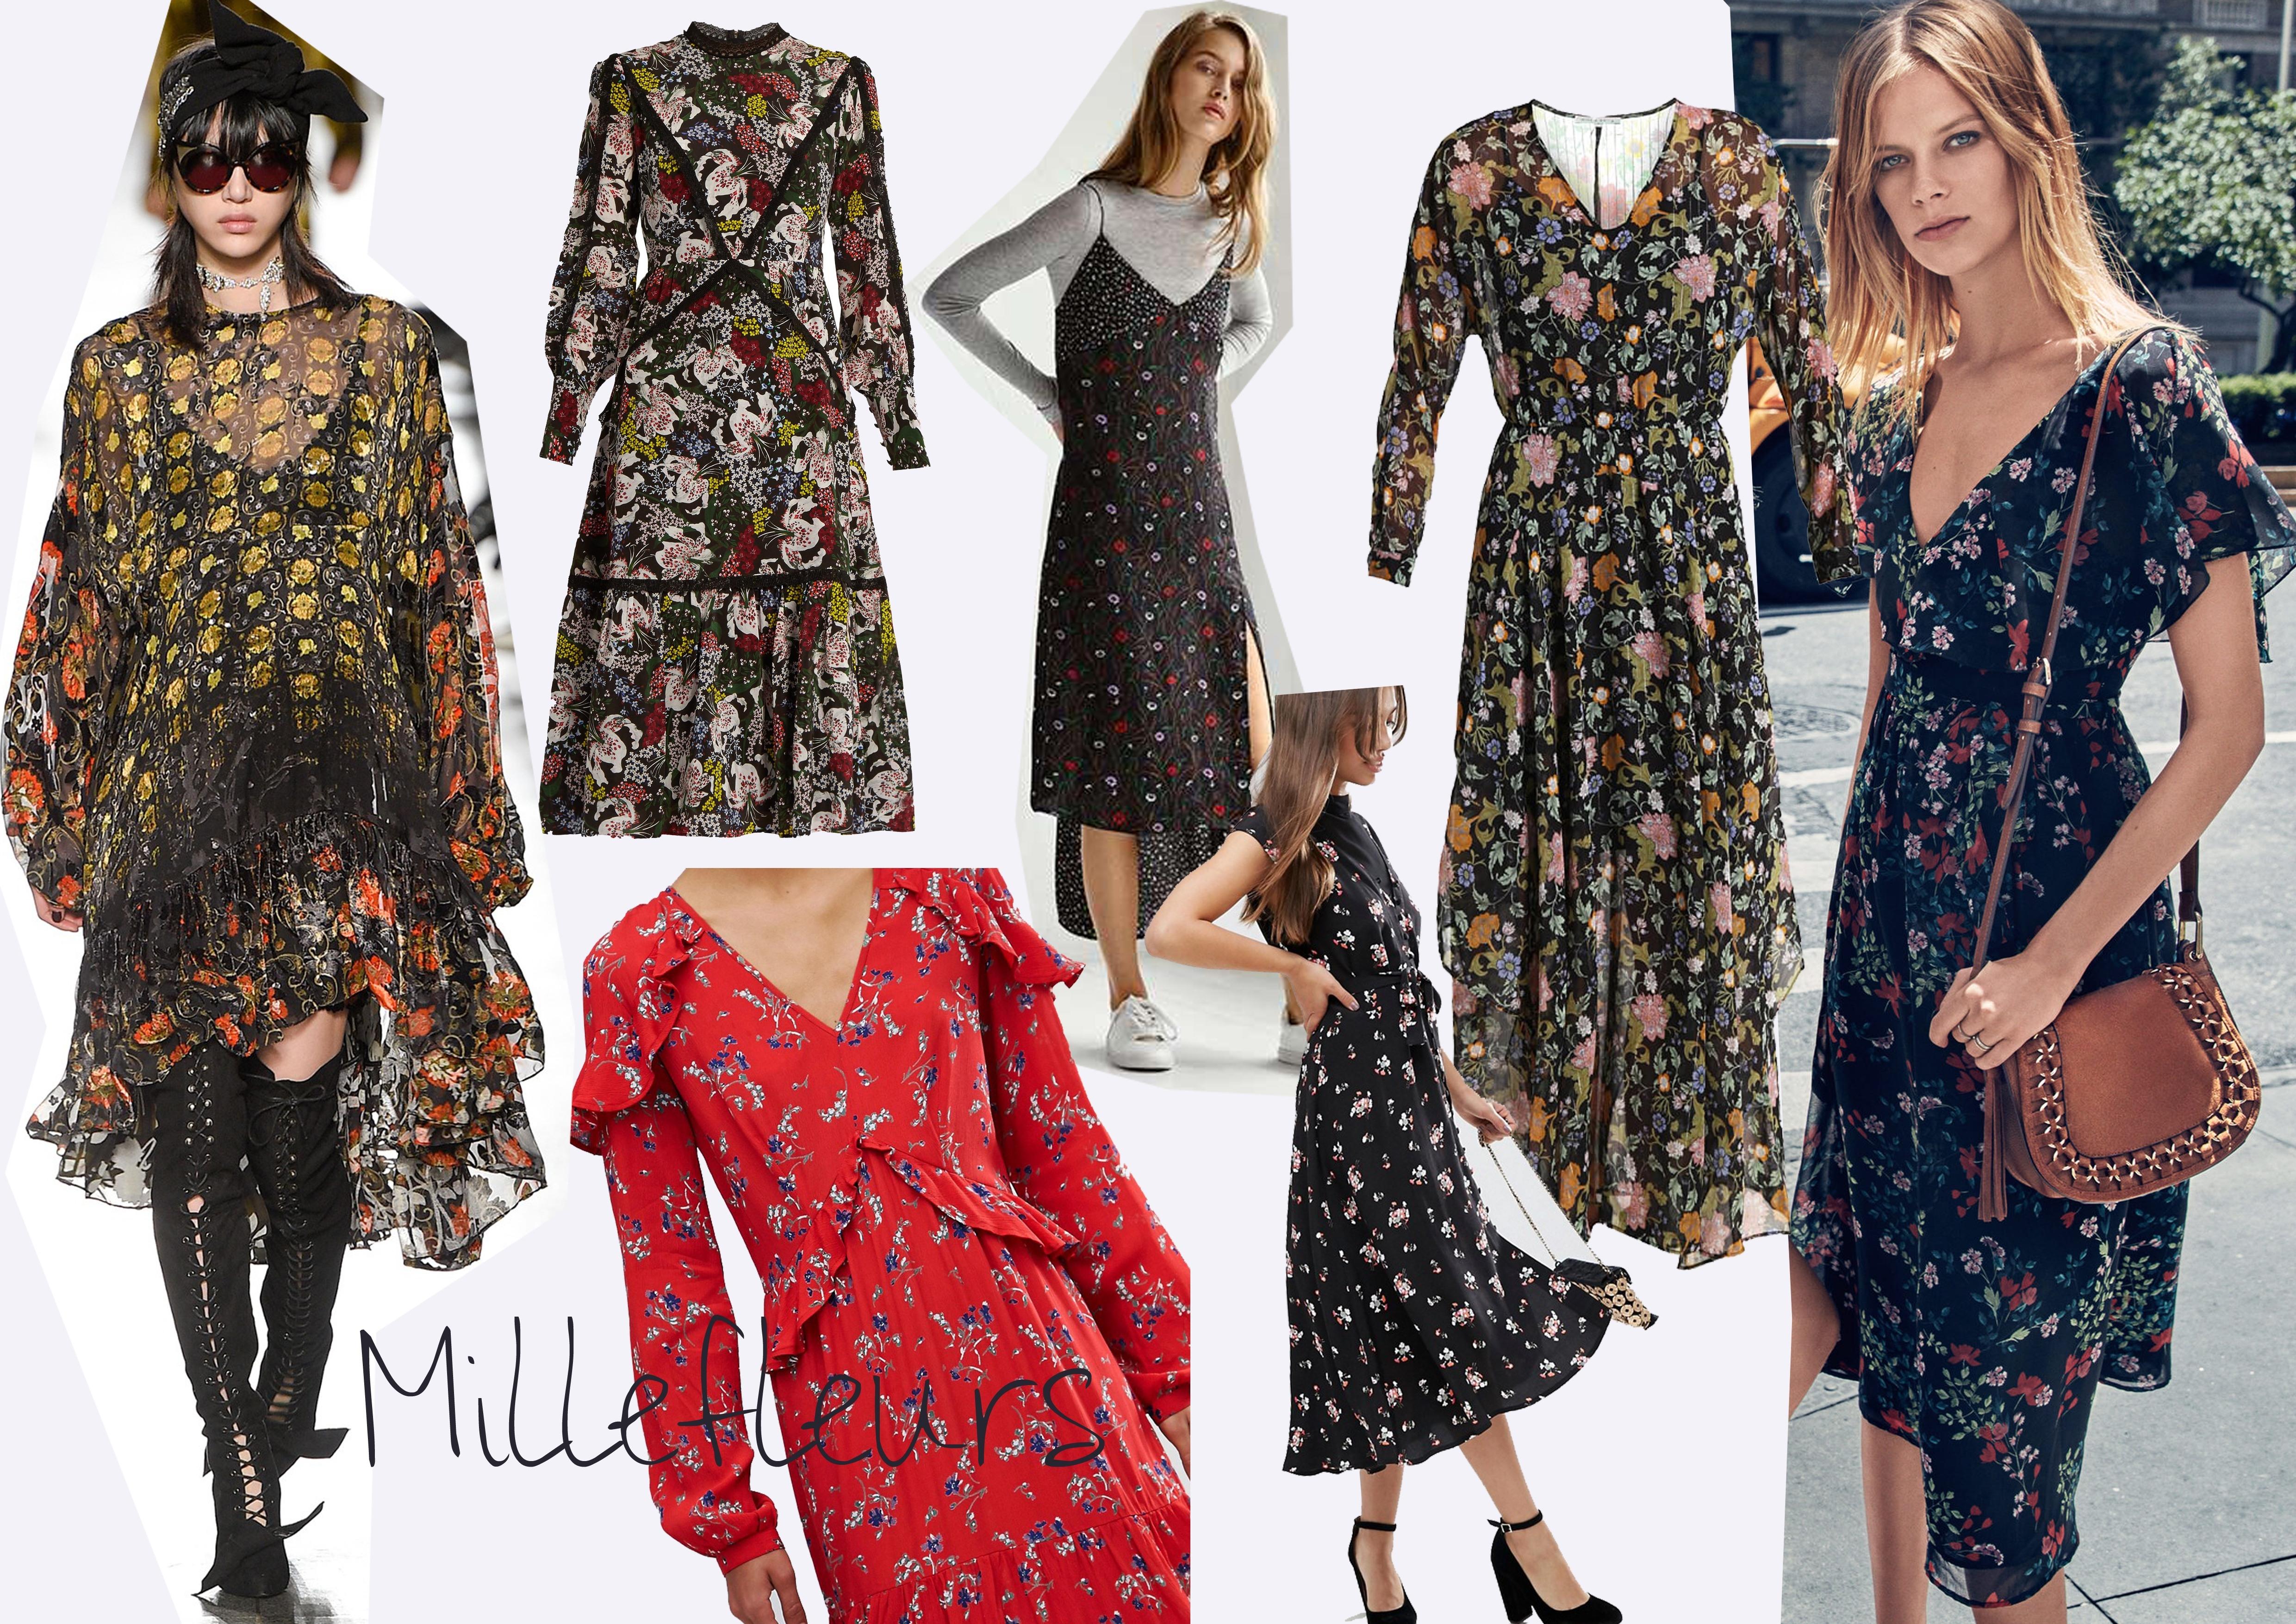 Schön Schöne Herbst Kleider für 201920 Einfach Schöne Herbst Kleider Galerie